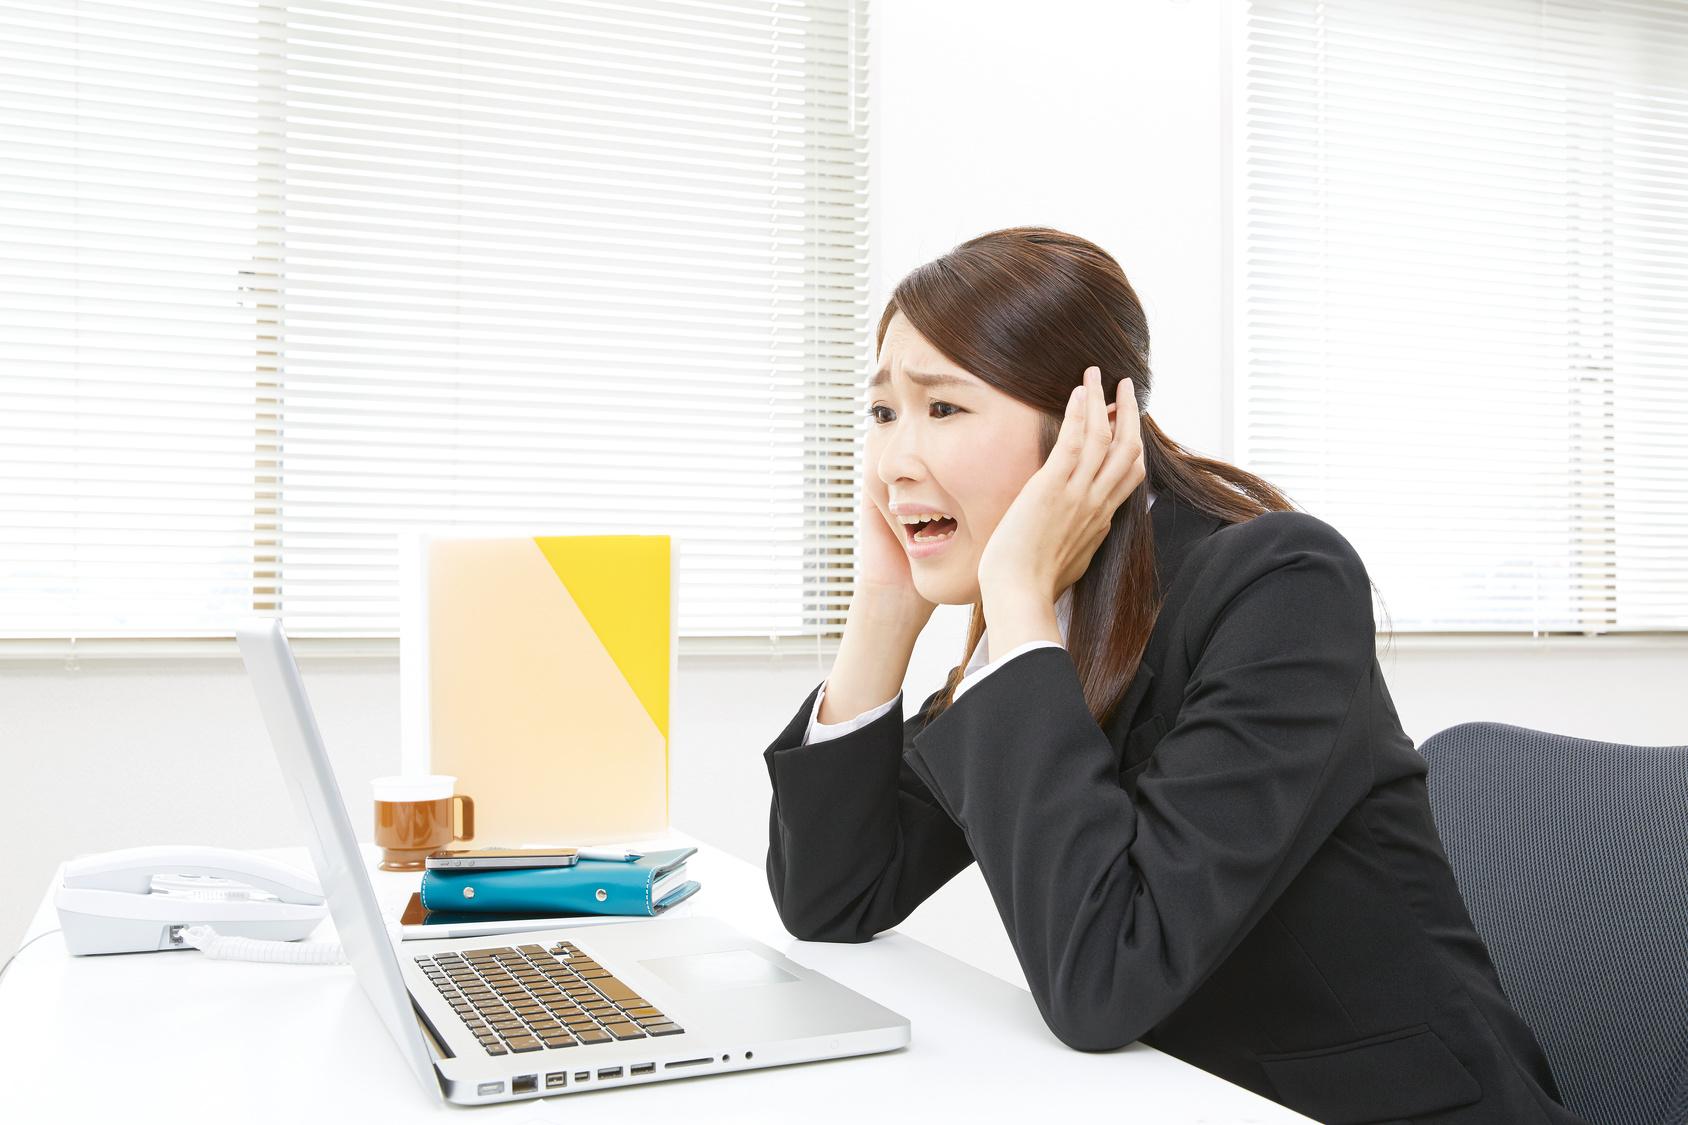 ノートパソコンを見て頭を抱えるビジネスウーマン